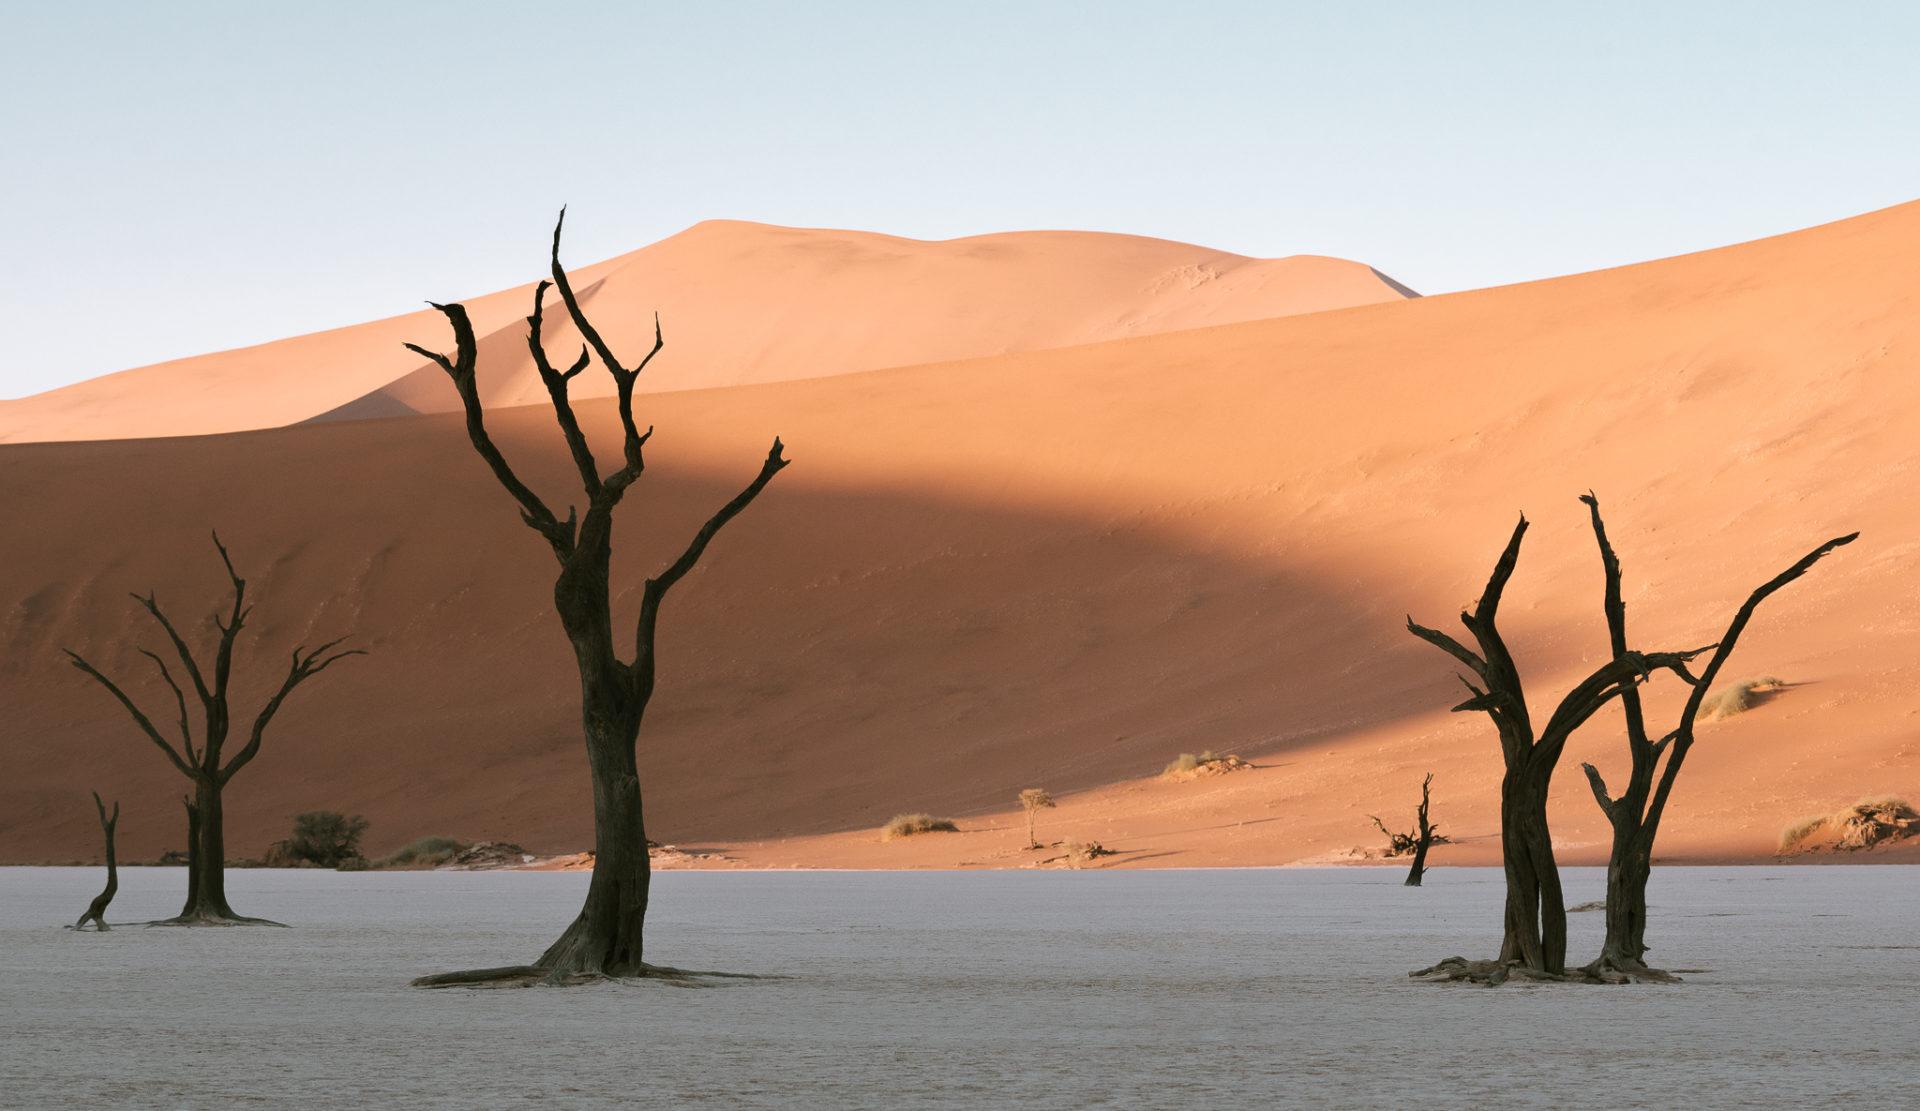 納米比亞旅行攻略 Namibia by 旅行攝影師 張威廉 Wilhelm Chang